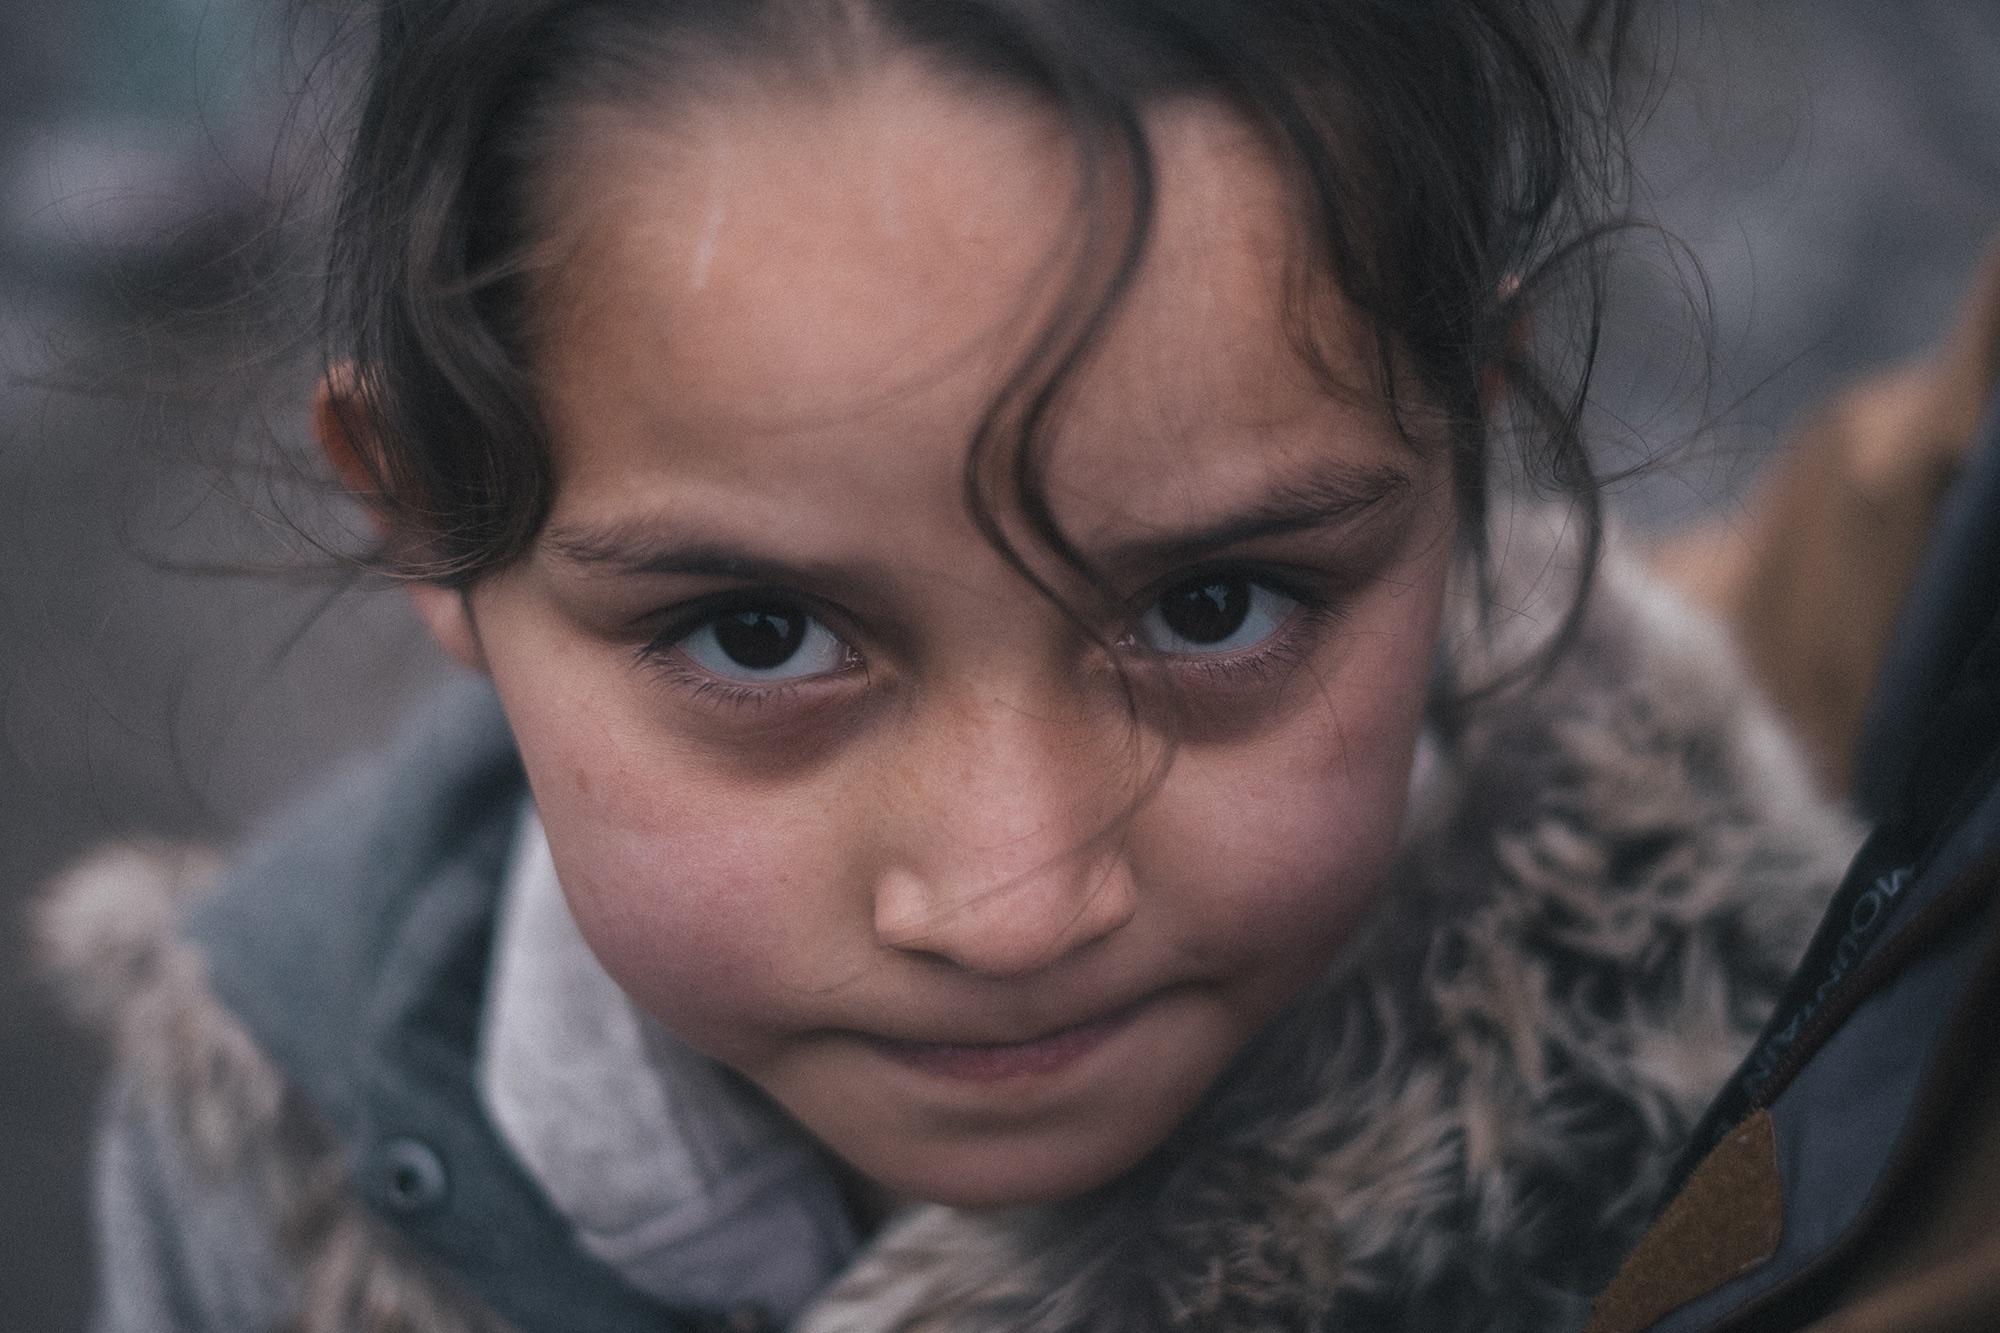 Lara, 9 years, Afghanistan